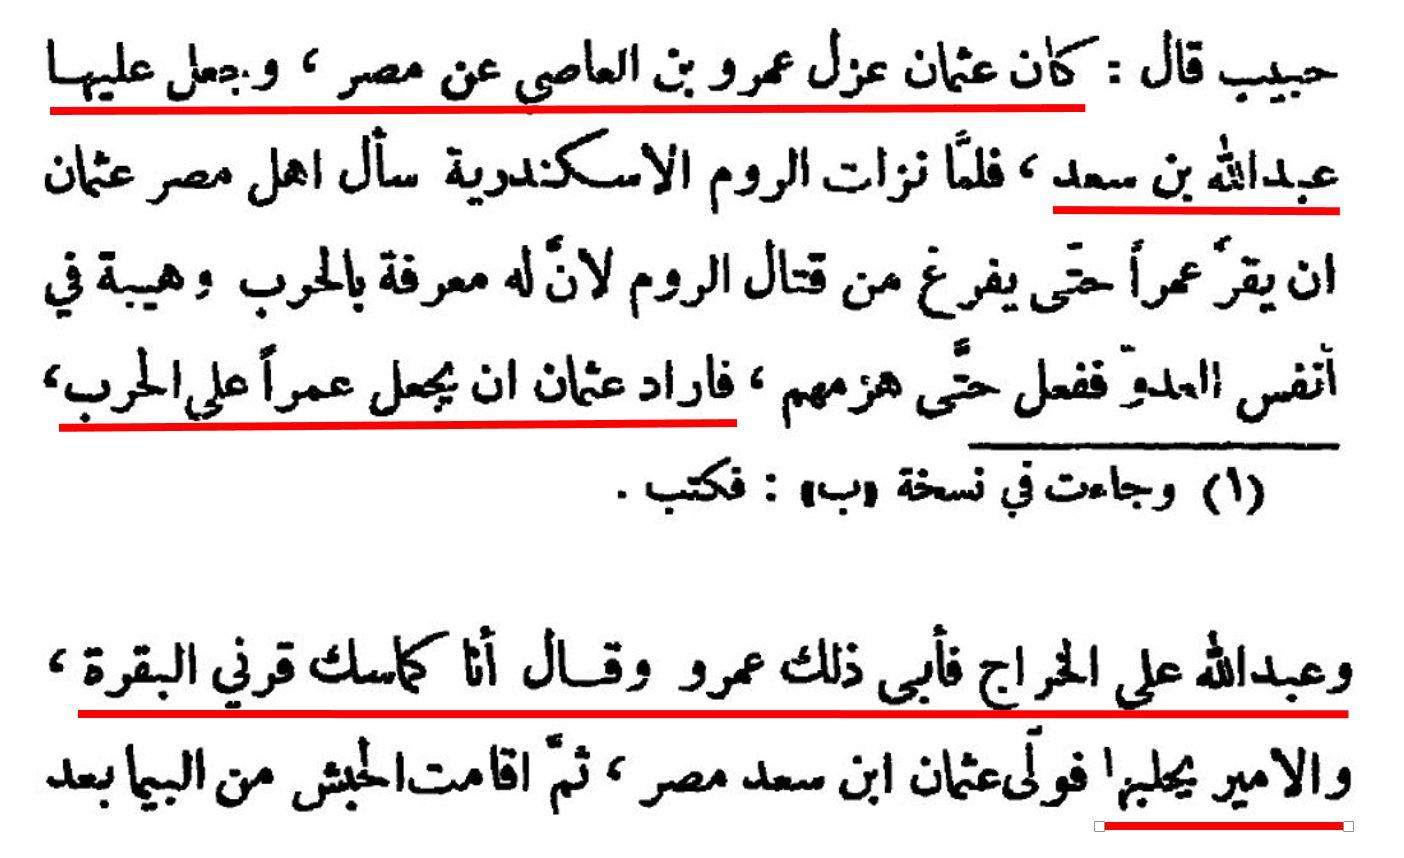 Kitâb Futûh al-Buldân d'al Balâdhurî - Page 313